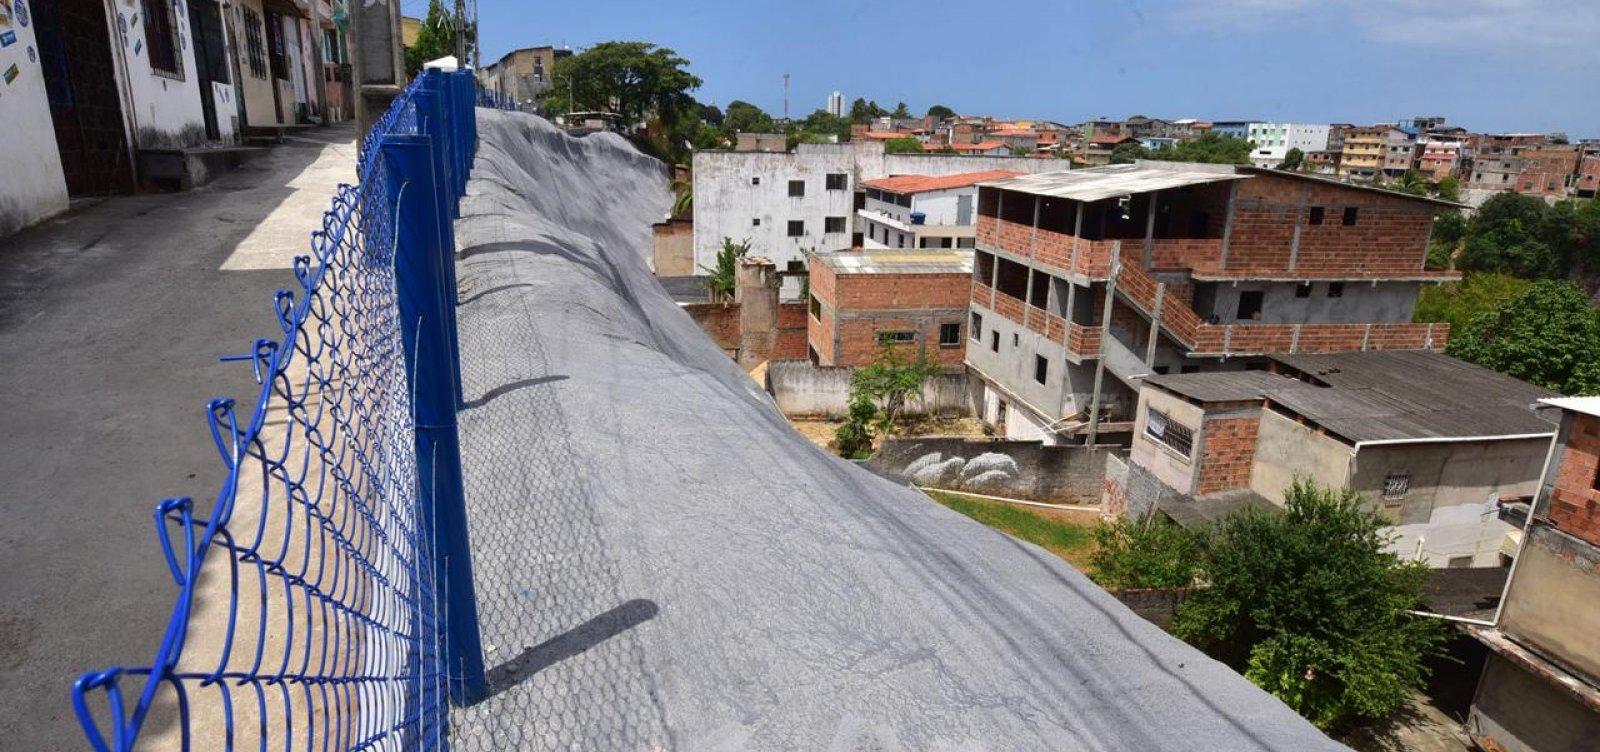 Encosta com risco de deslizamento é completamente impermeabilizada no bairro do Cabula